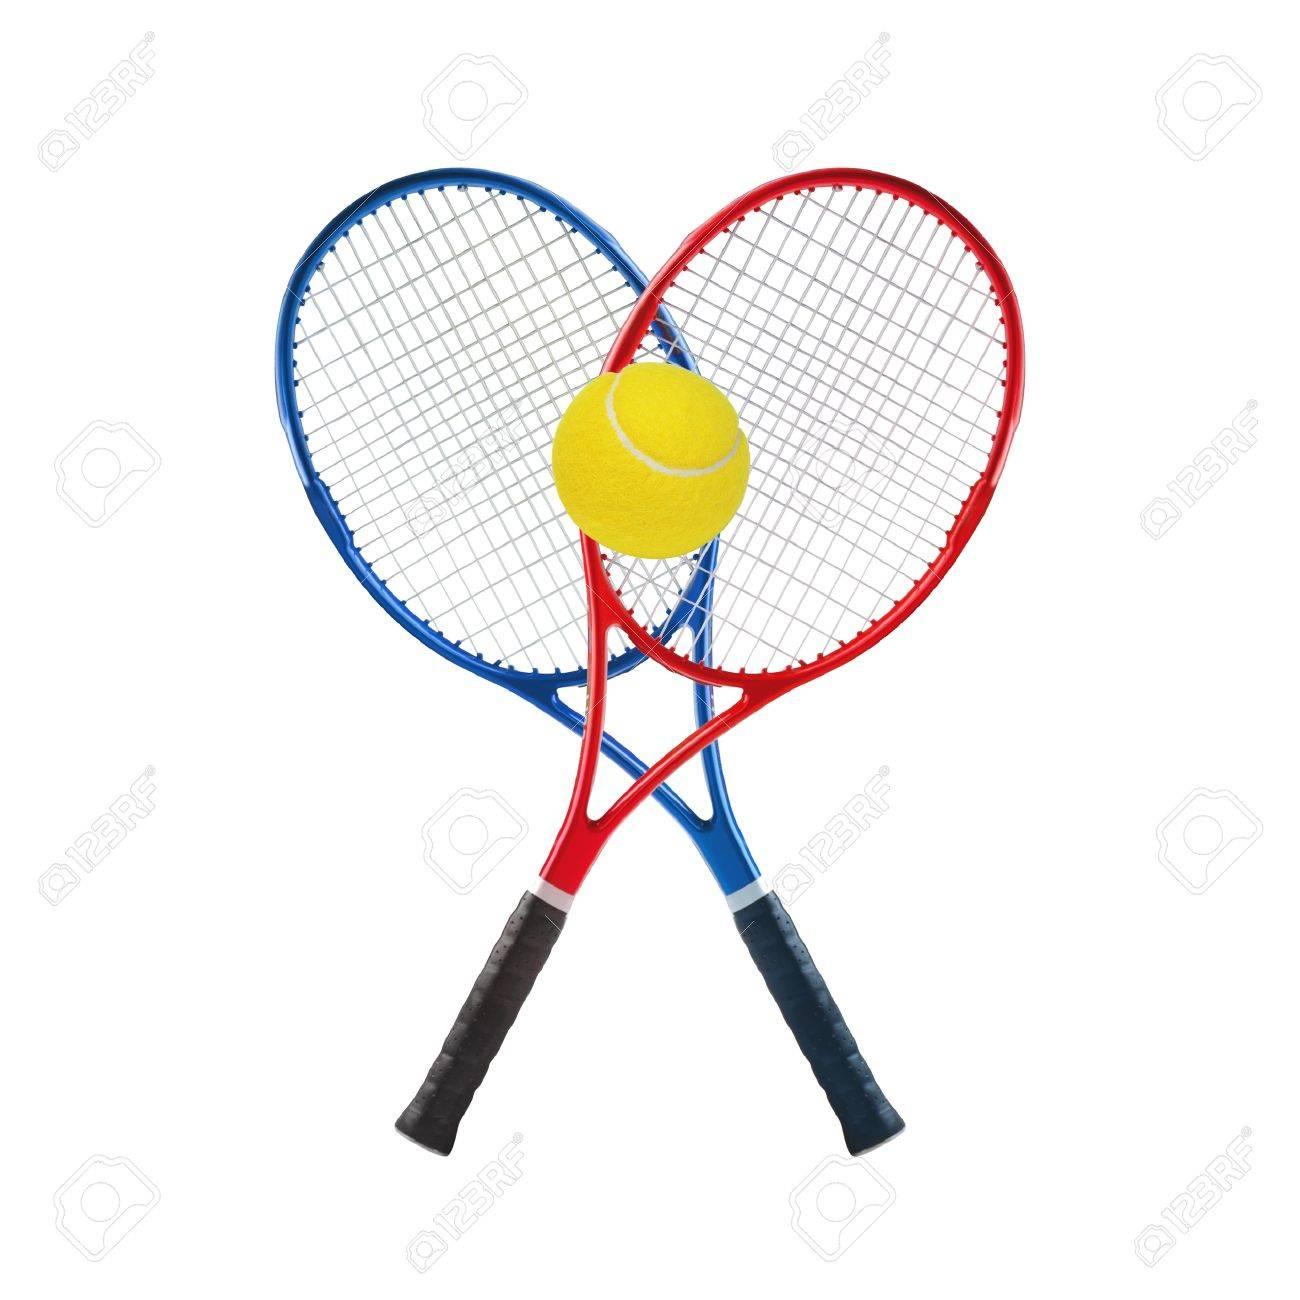 ракетка для начинающих в большом теннисе ряд